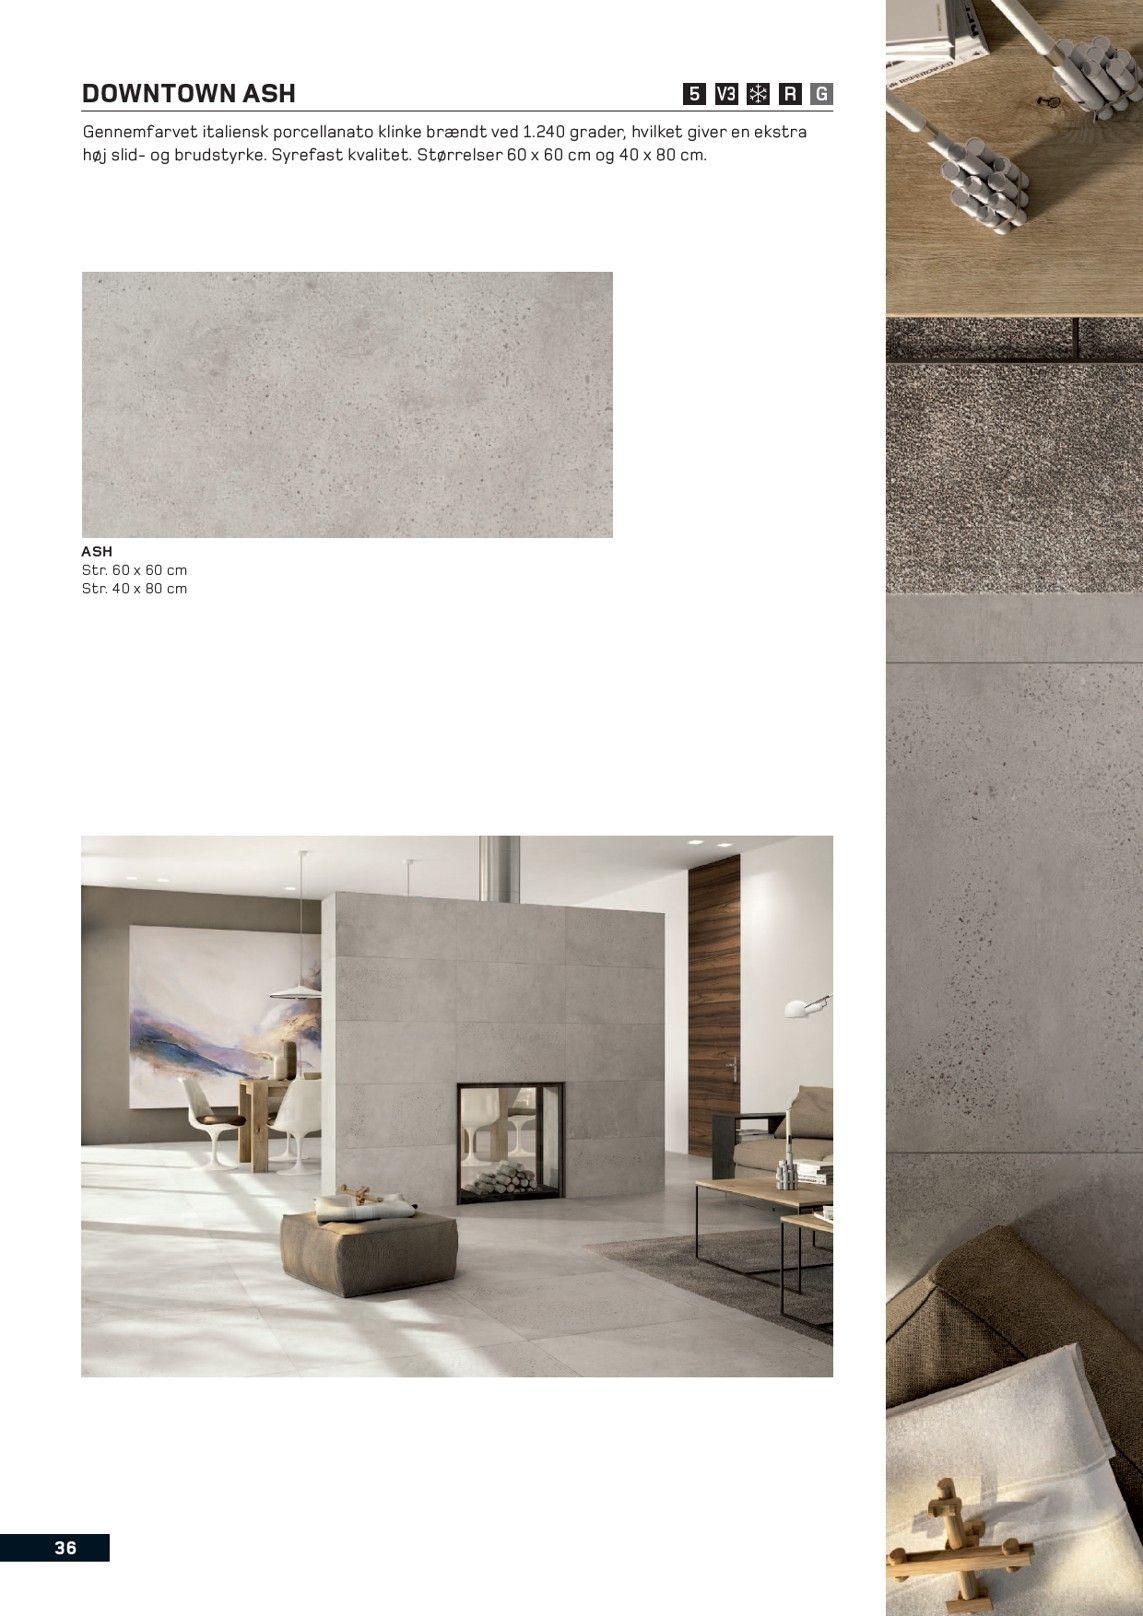 Garant - Klinke katalog 2014